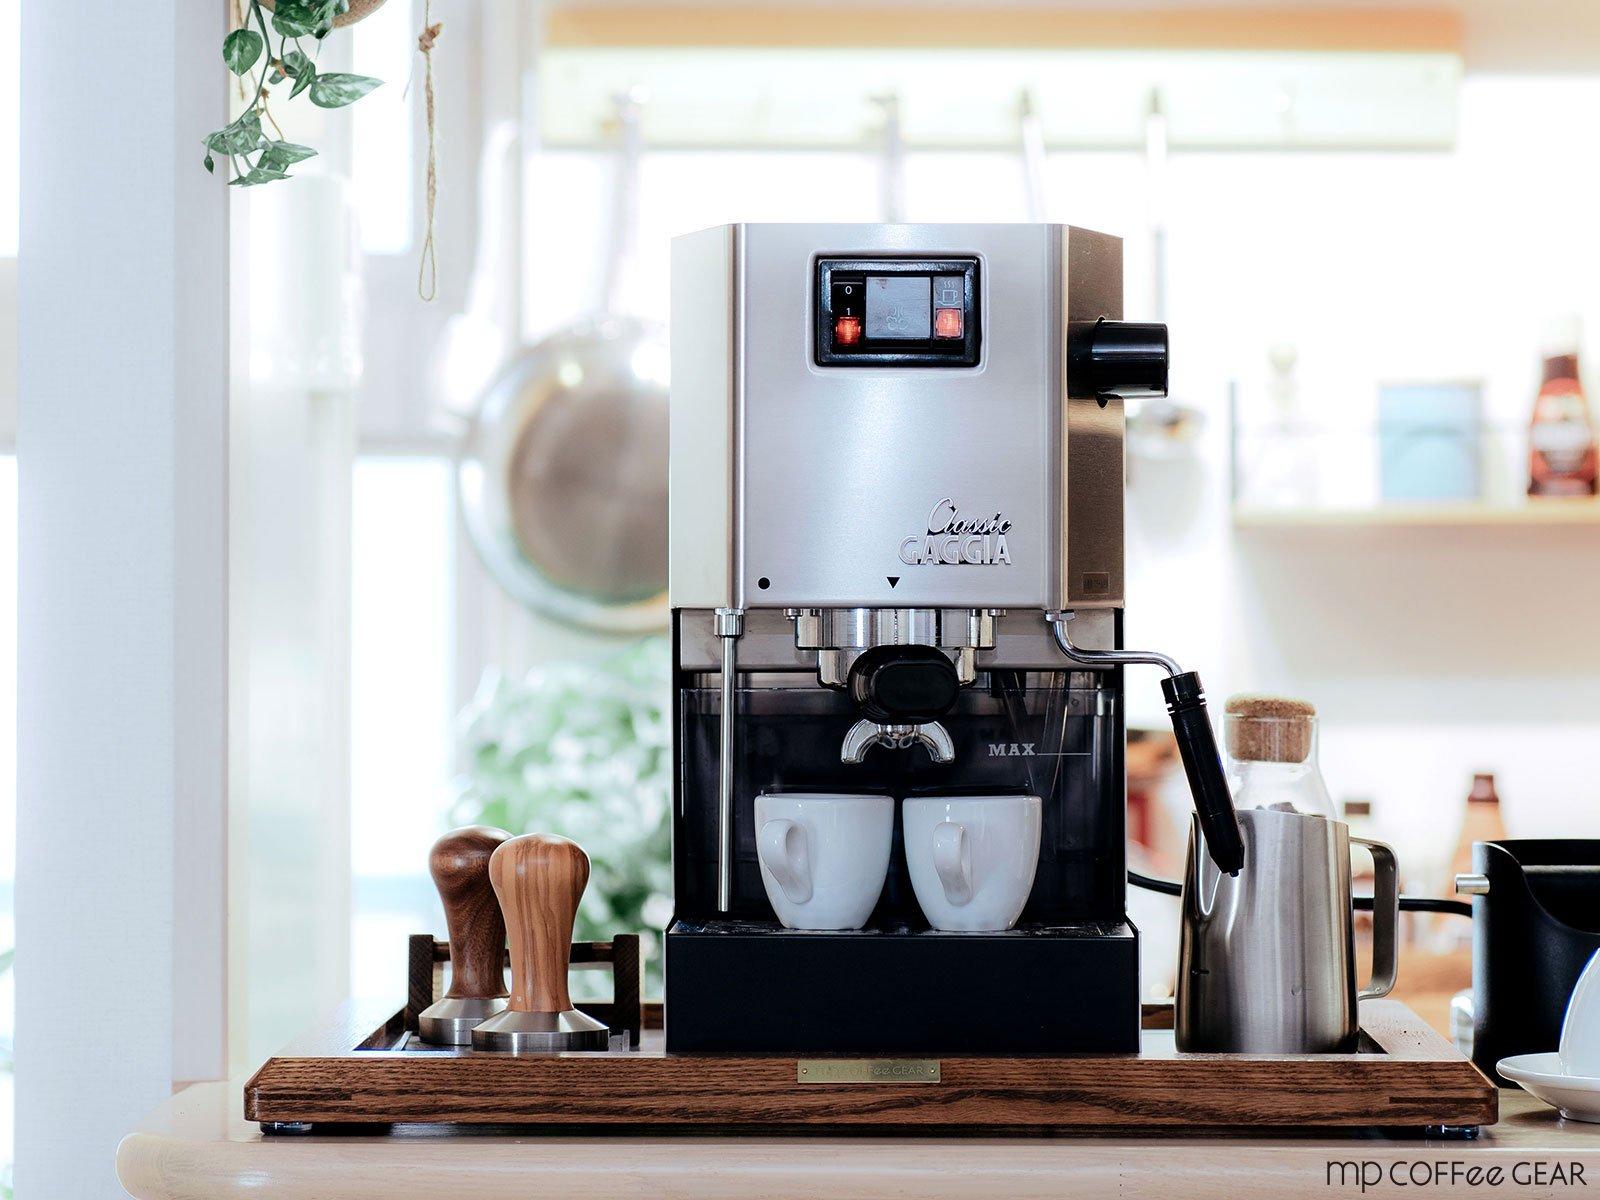 GAGGIA ガジア セミオートエスプレッソマシン Classic クラシック & WPM コーヒーグラインダー